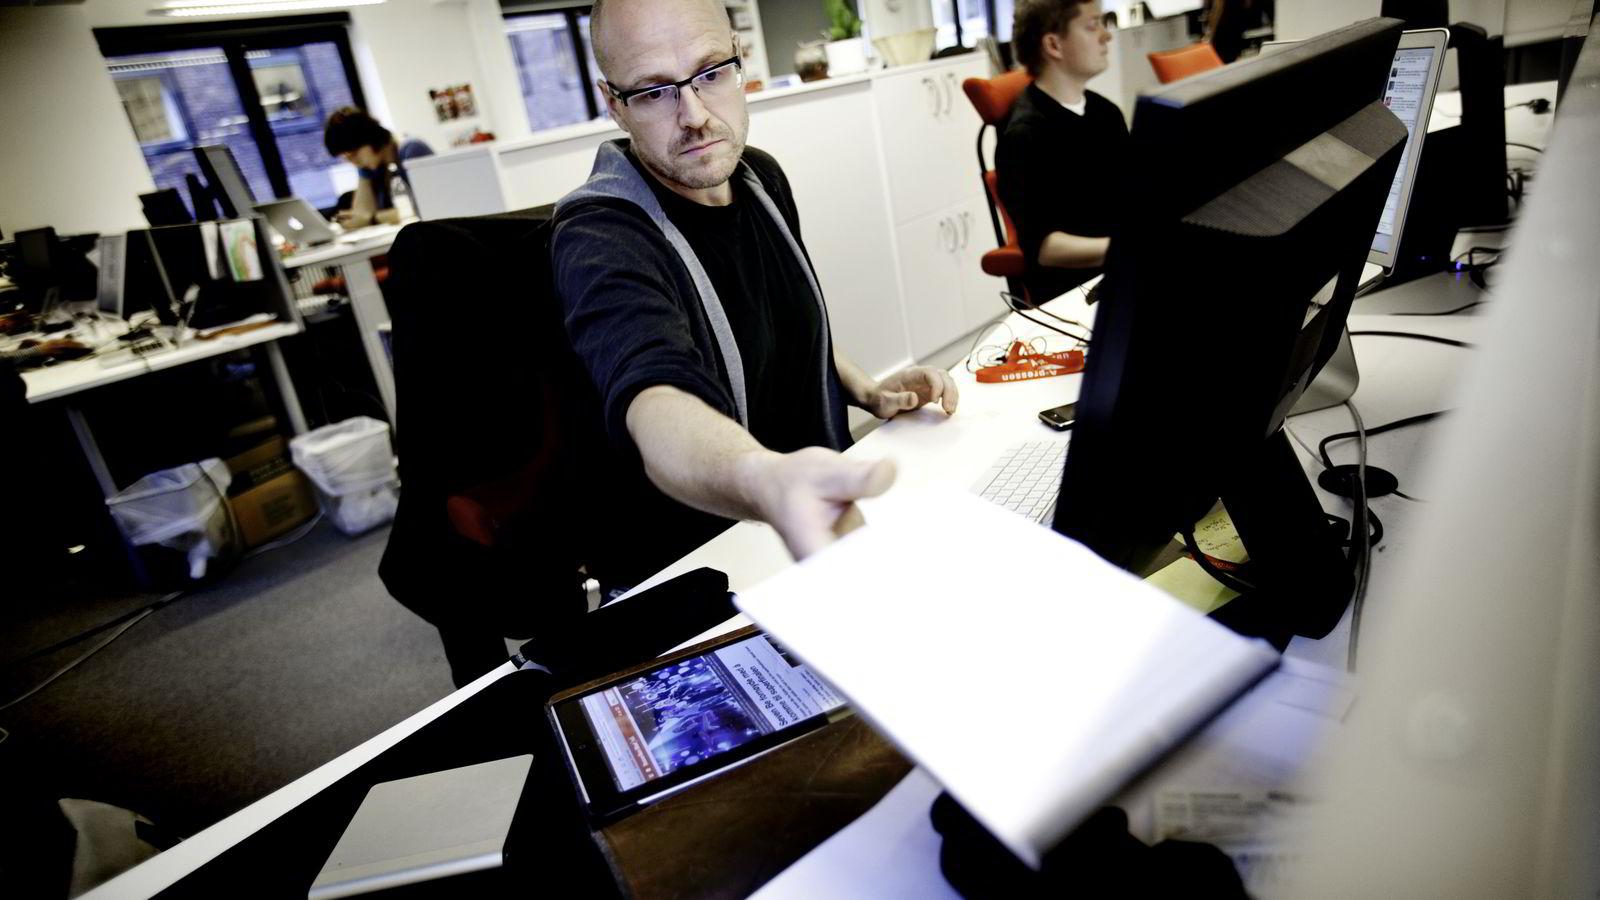 Direktør for utvikling Pål Nedregotten i Amedia sier de også har ambisjoner om å kunne lage stadig mer komplette digitale identiter av sine brukere.